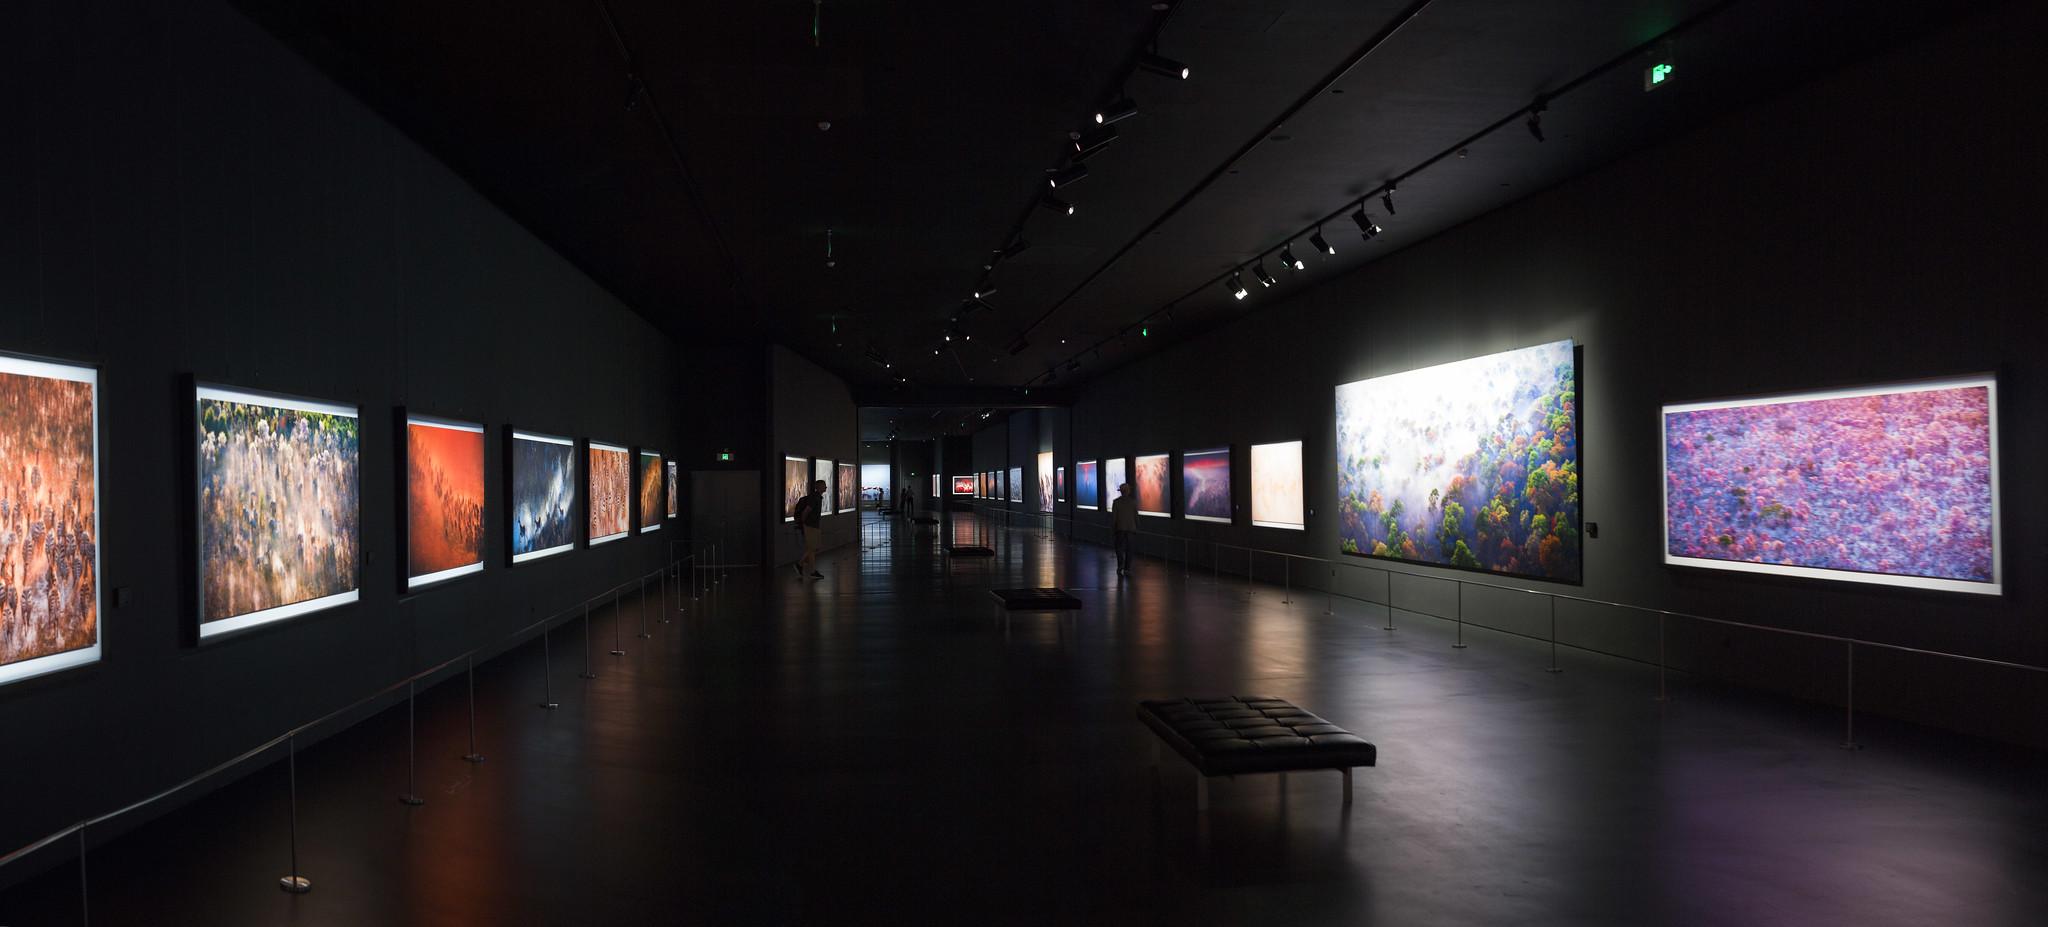 LuoHongMuseum (pano)